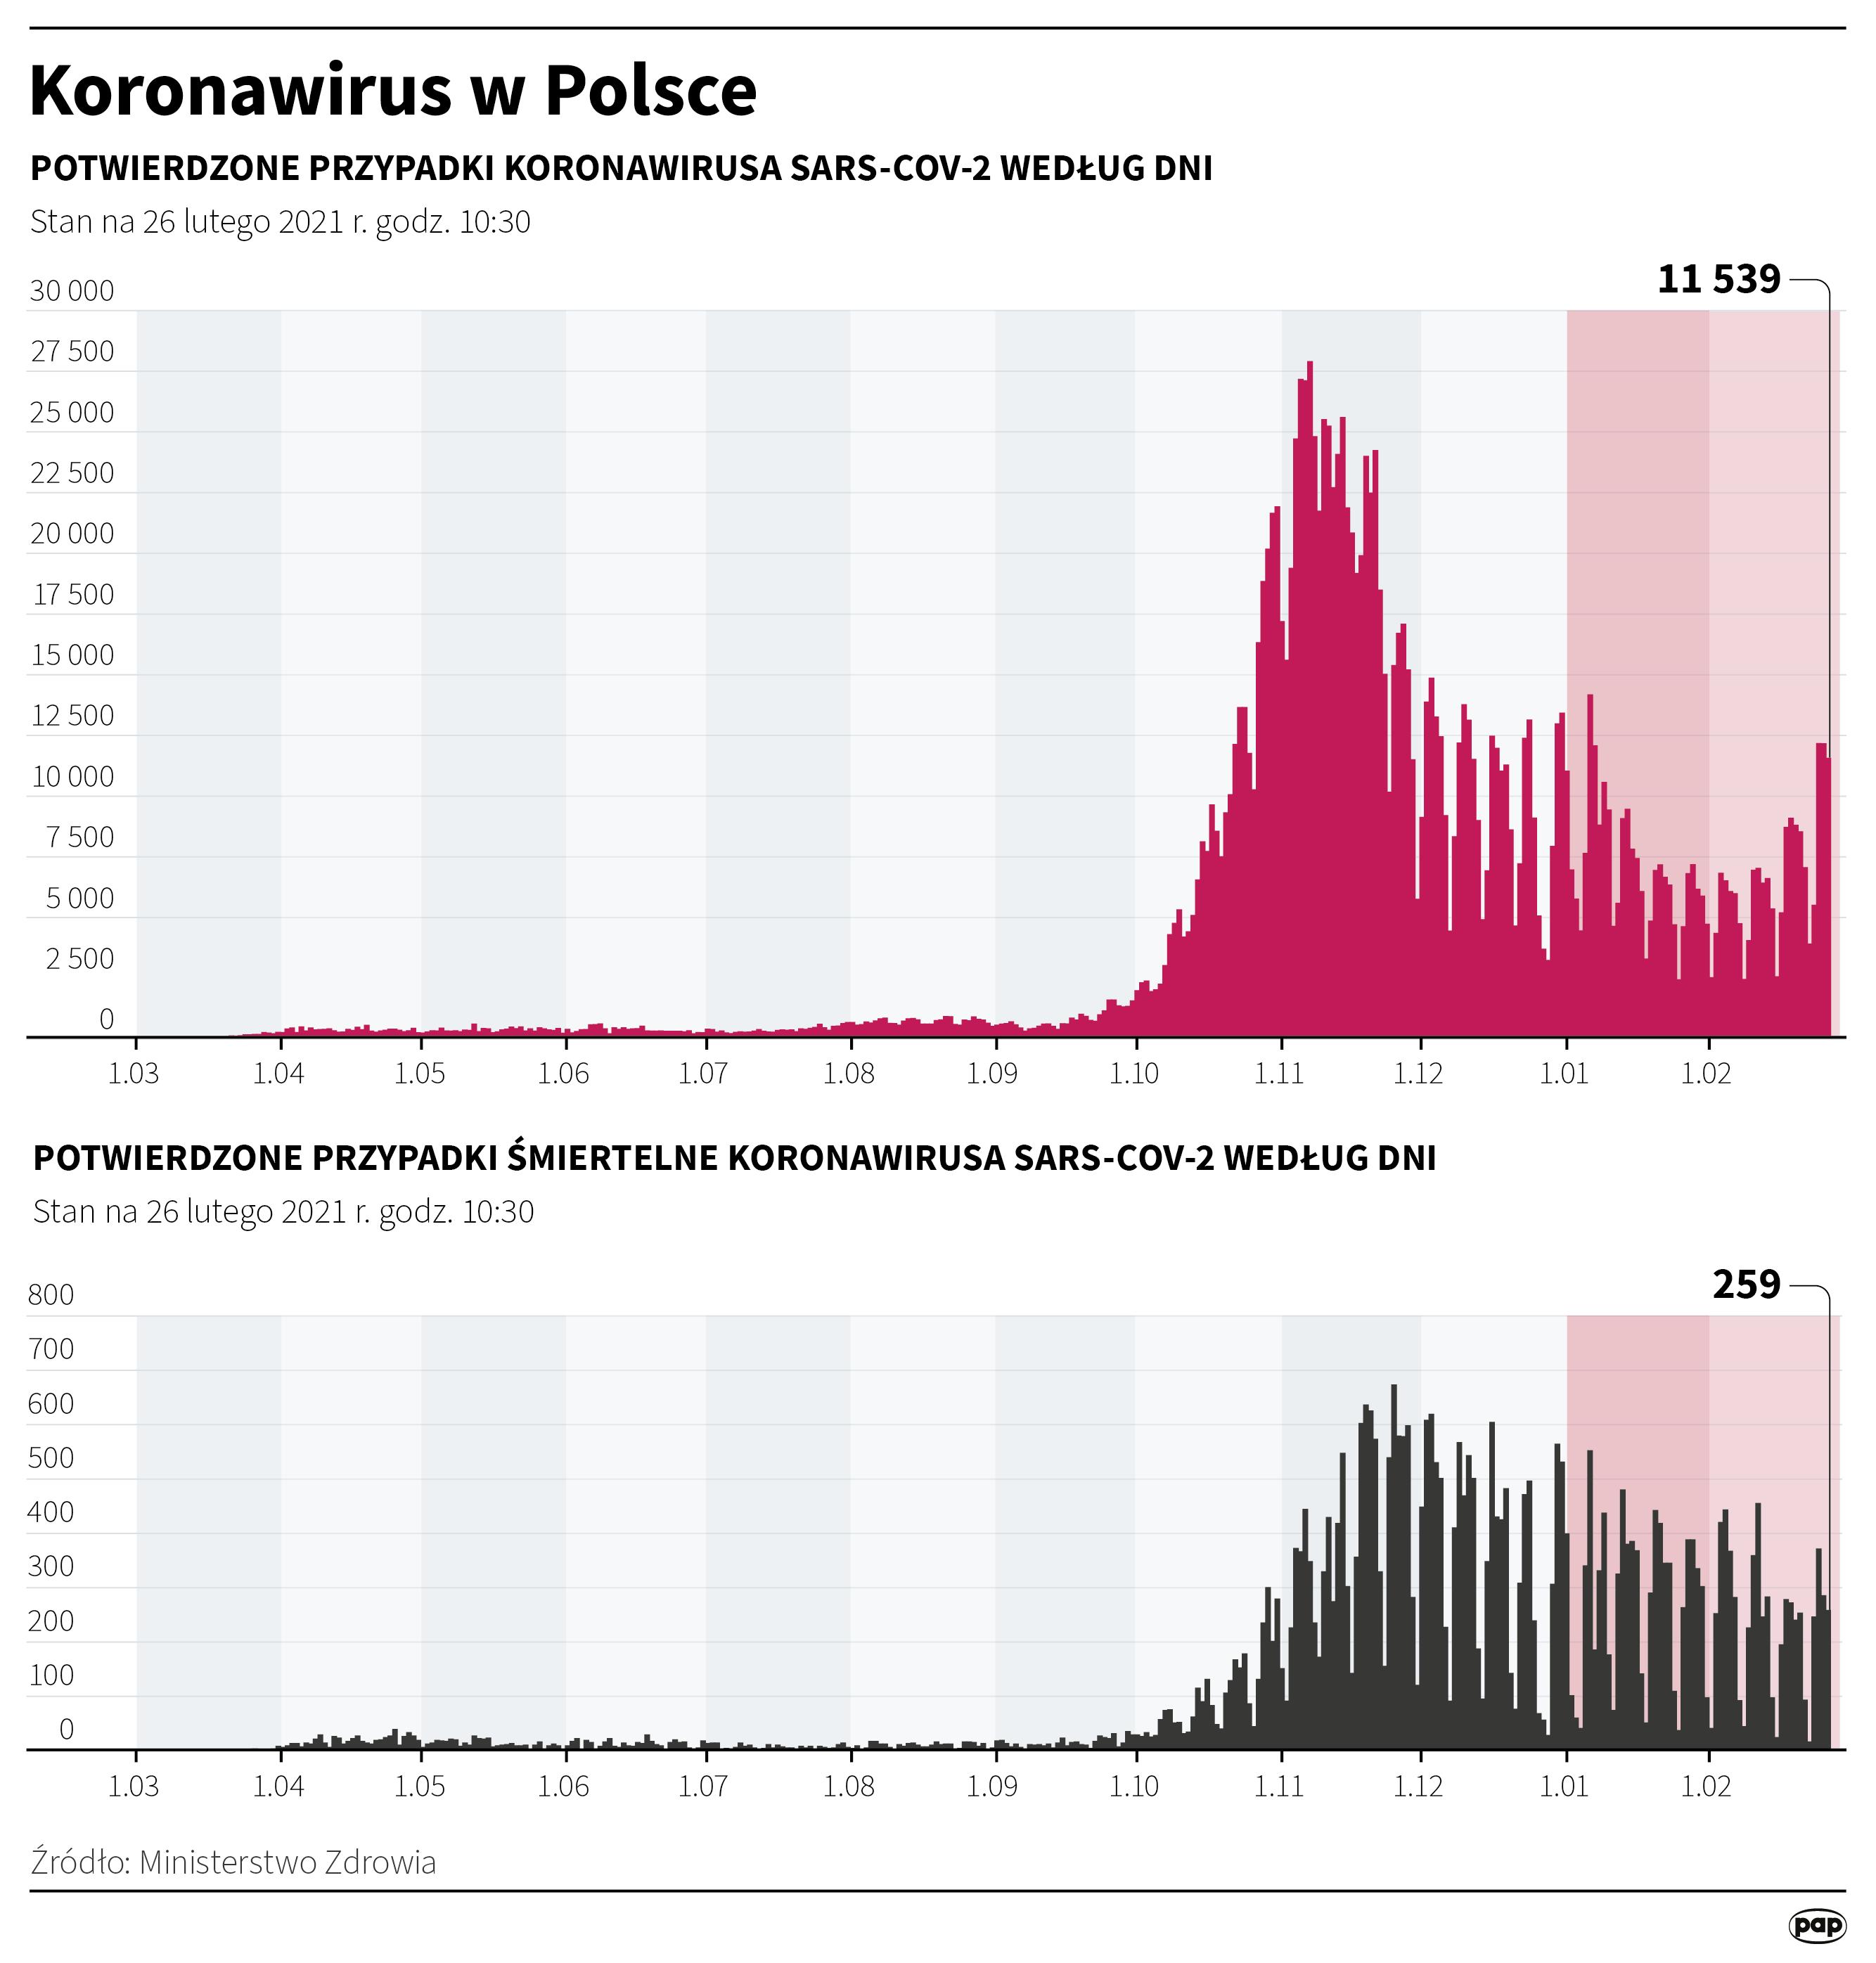 Koronawirus w Polsce stan na 26 lutego [autor: Maria Samczuk, źródło: PAP]